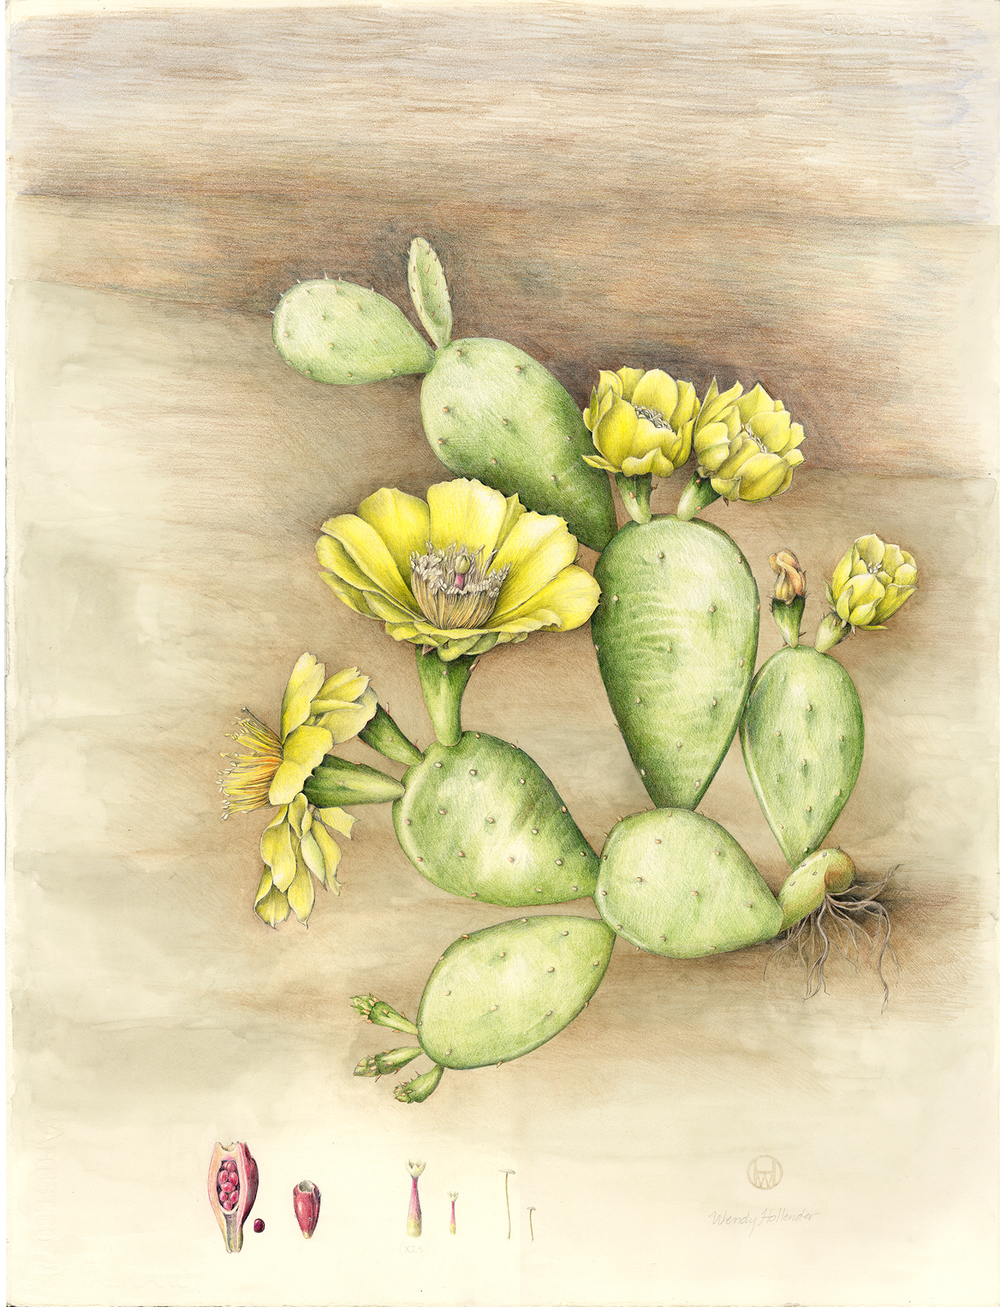 Prickly Pear Cactus - Opunitia